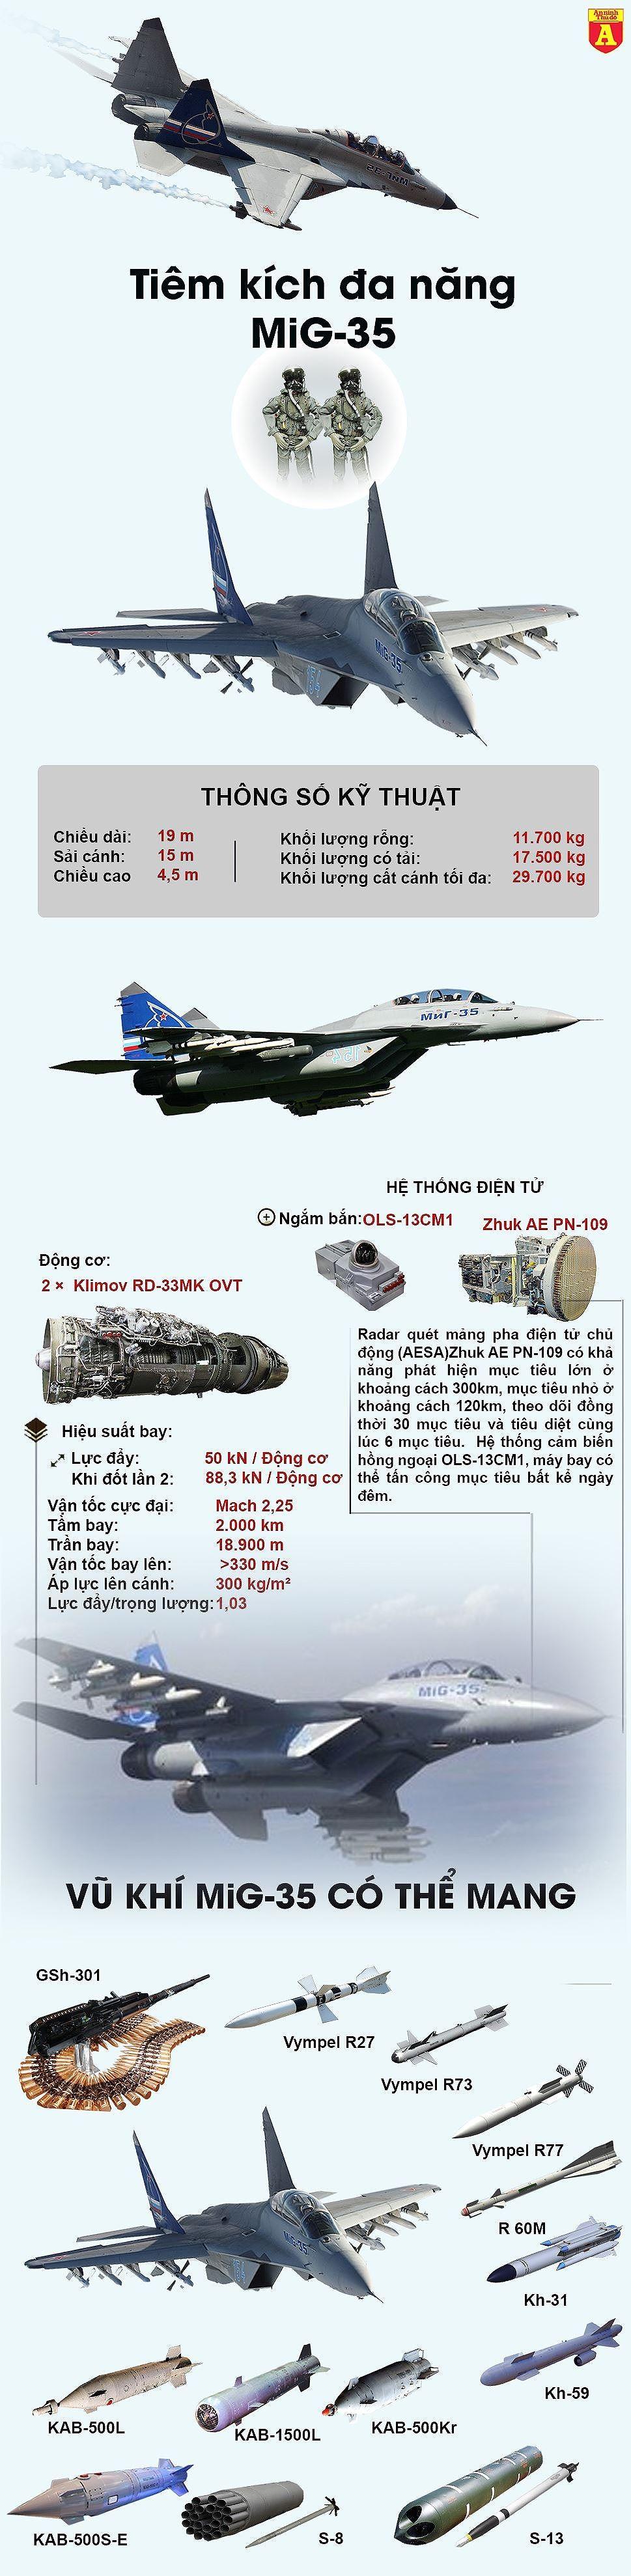 [ĐỒ HỌA] Tình thế cấp bách có thể Nga sẽ đánh liều cho tiêm kích 4.5 MiG-35 sang Syria thử lửa? ảnh 2